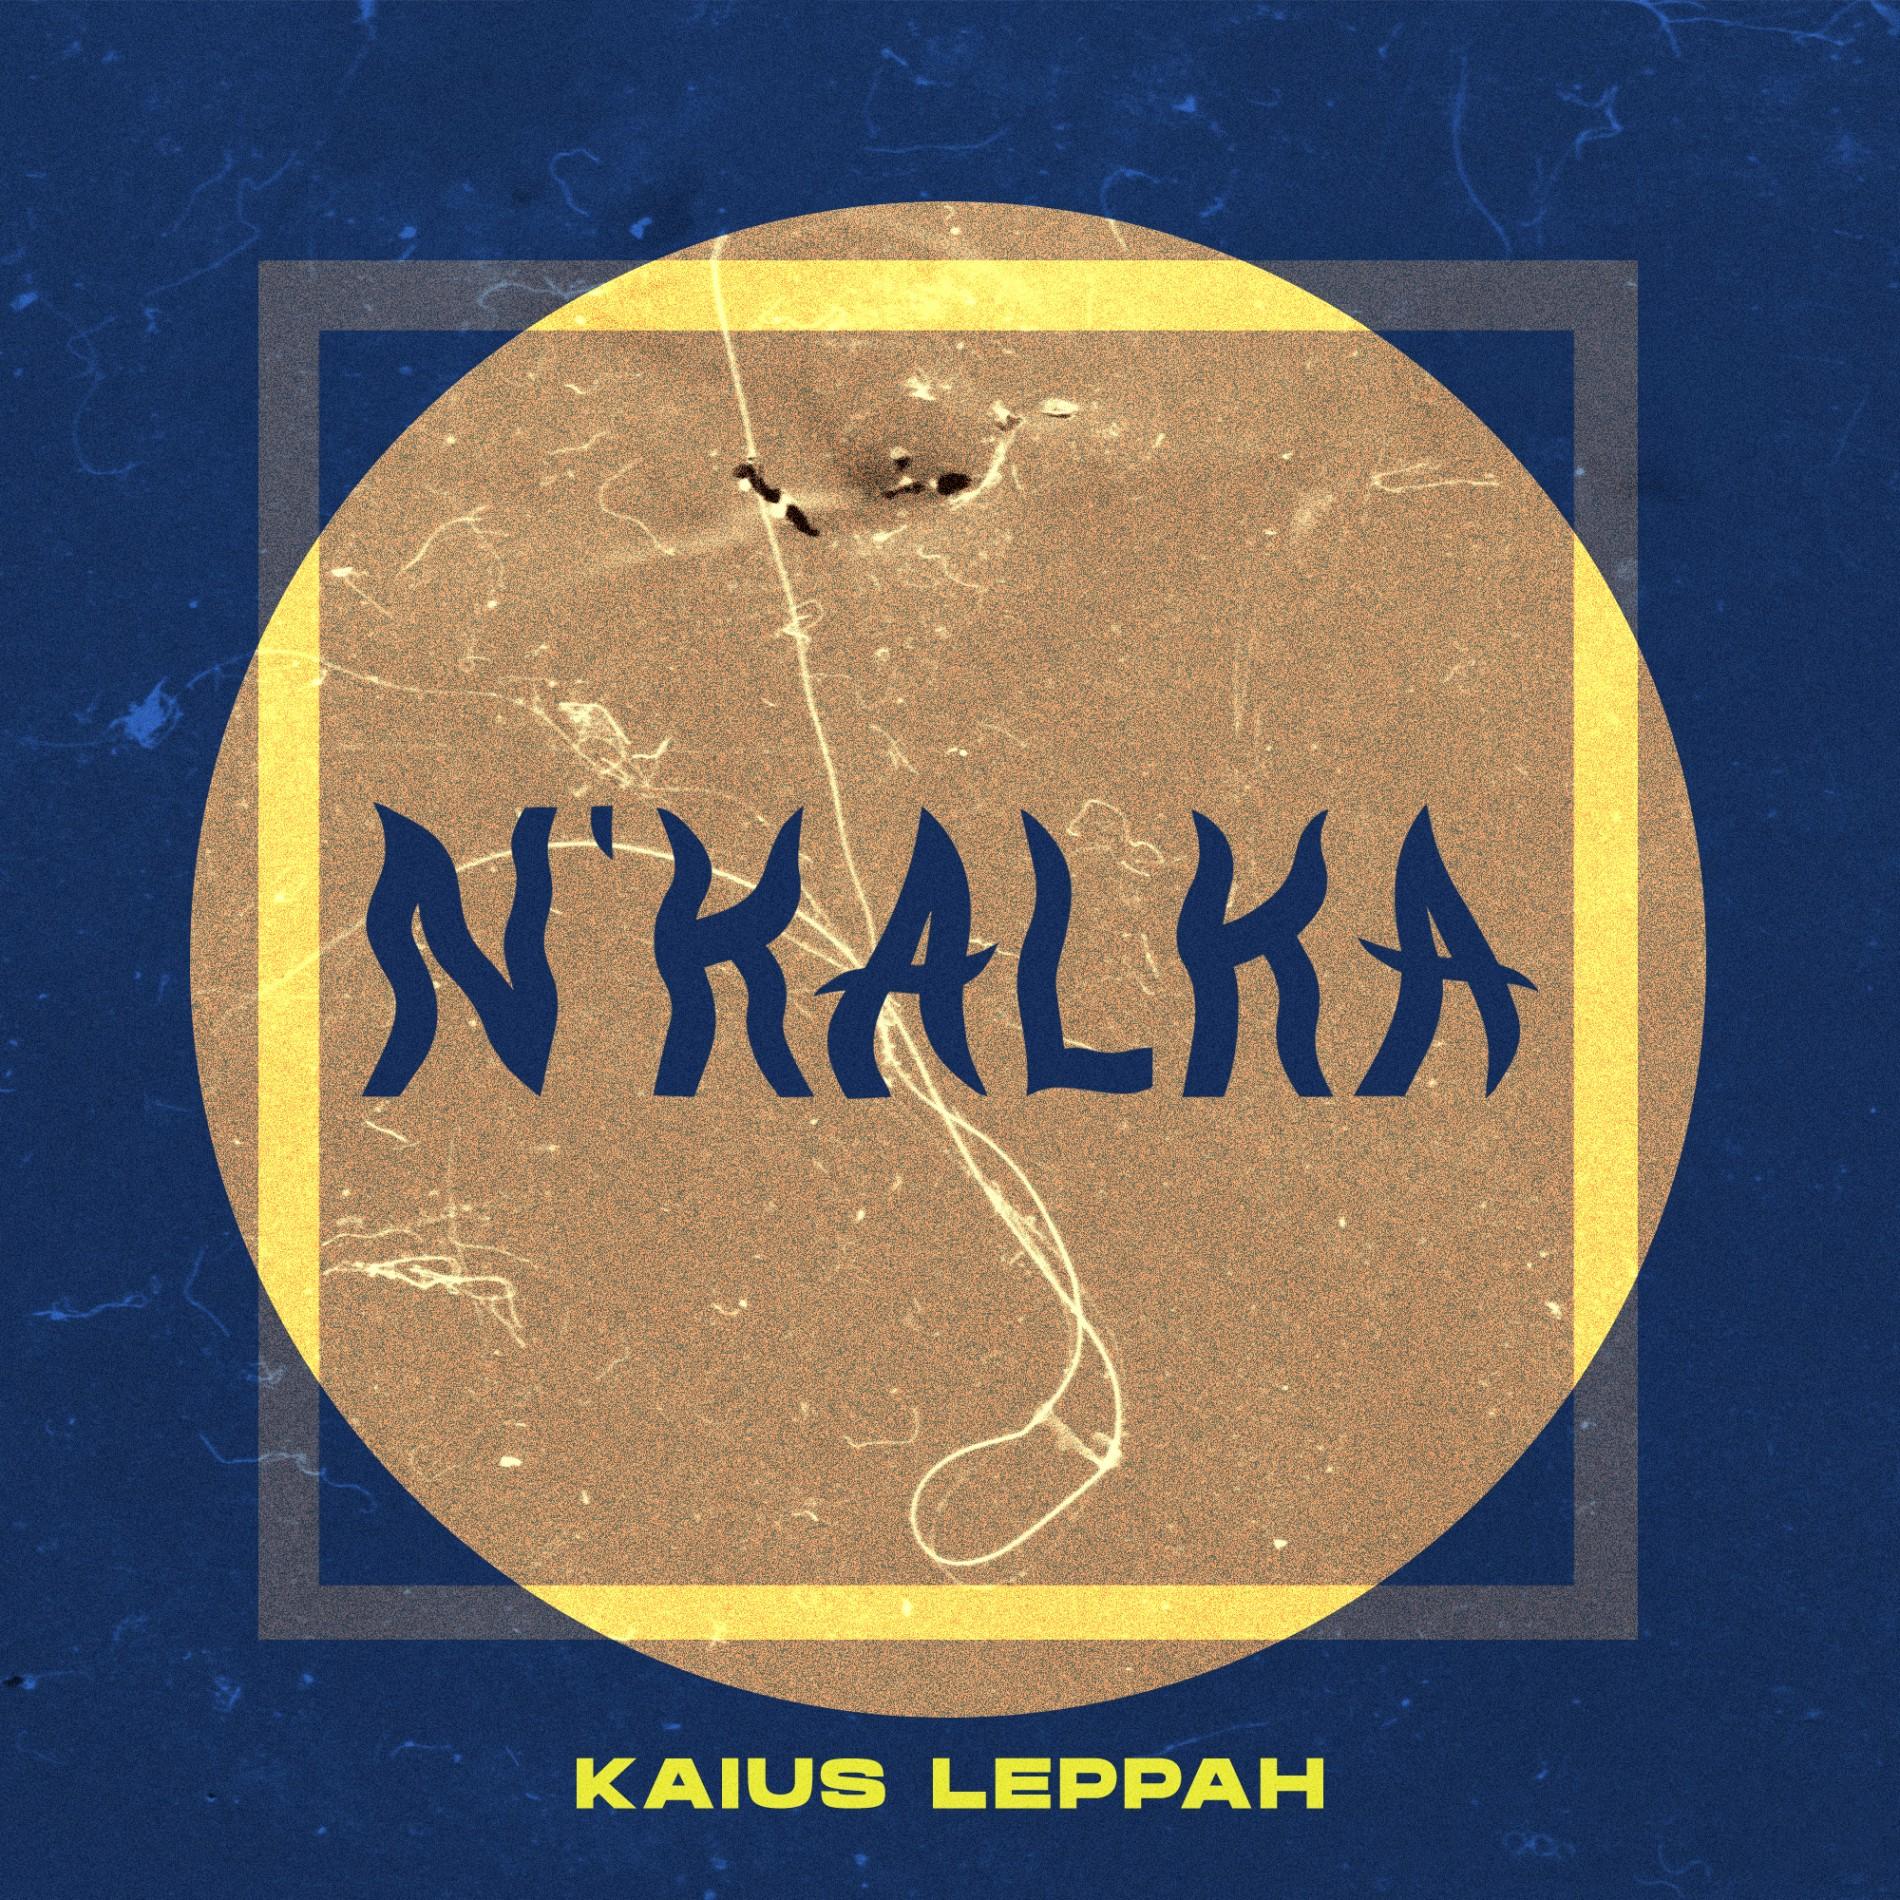 N'Kalka / n'kalka